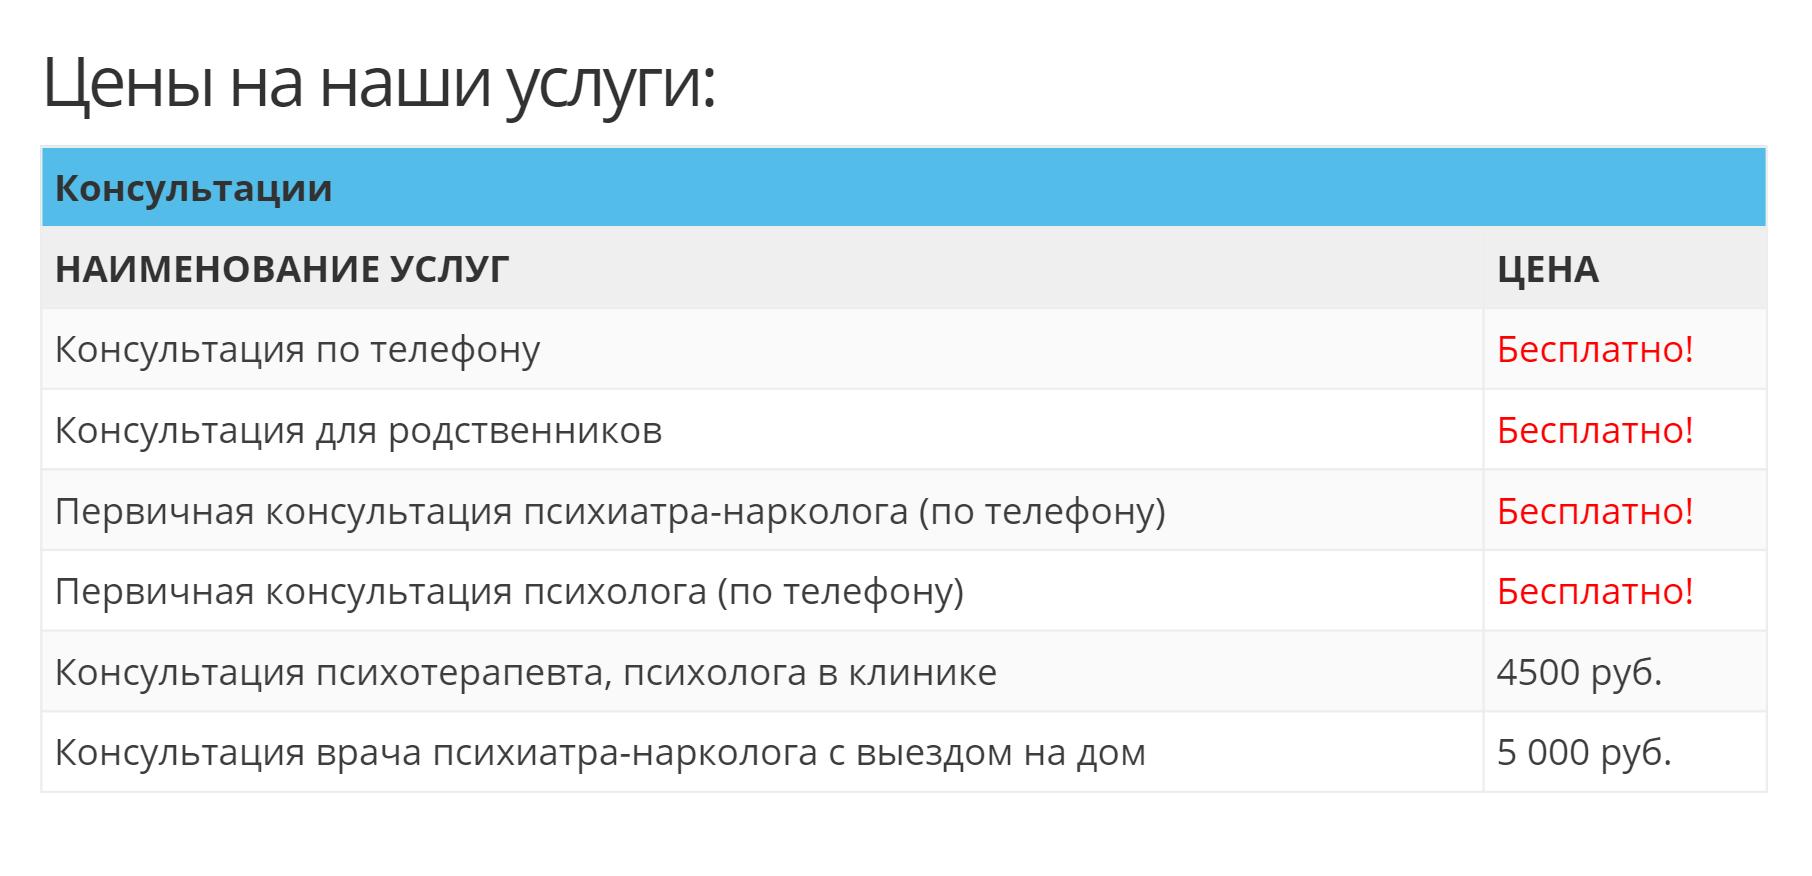 Цены на консультации в московской наркологической клинике «Веримед»